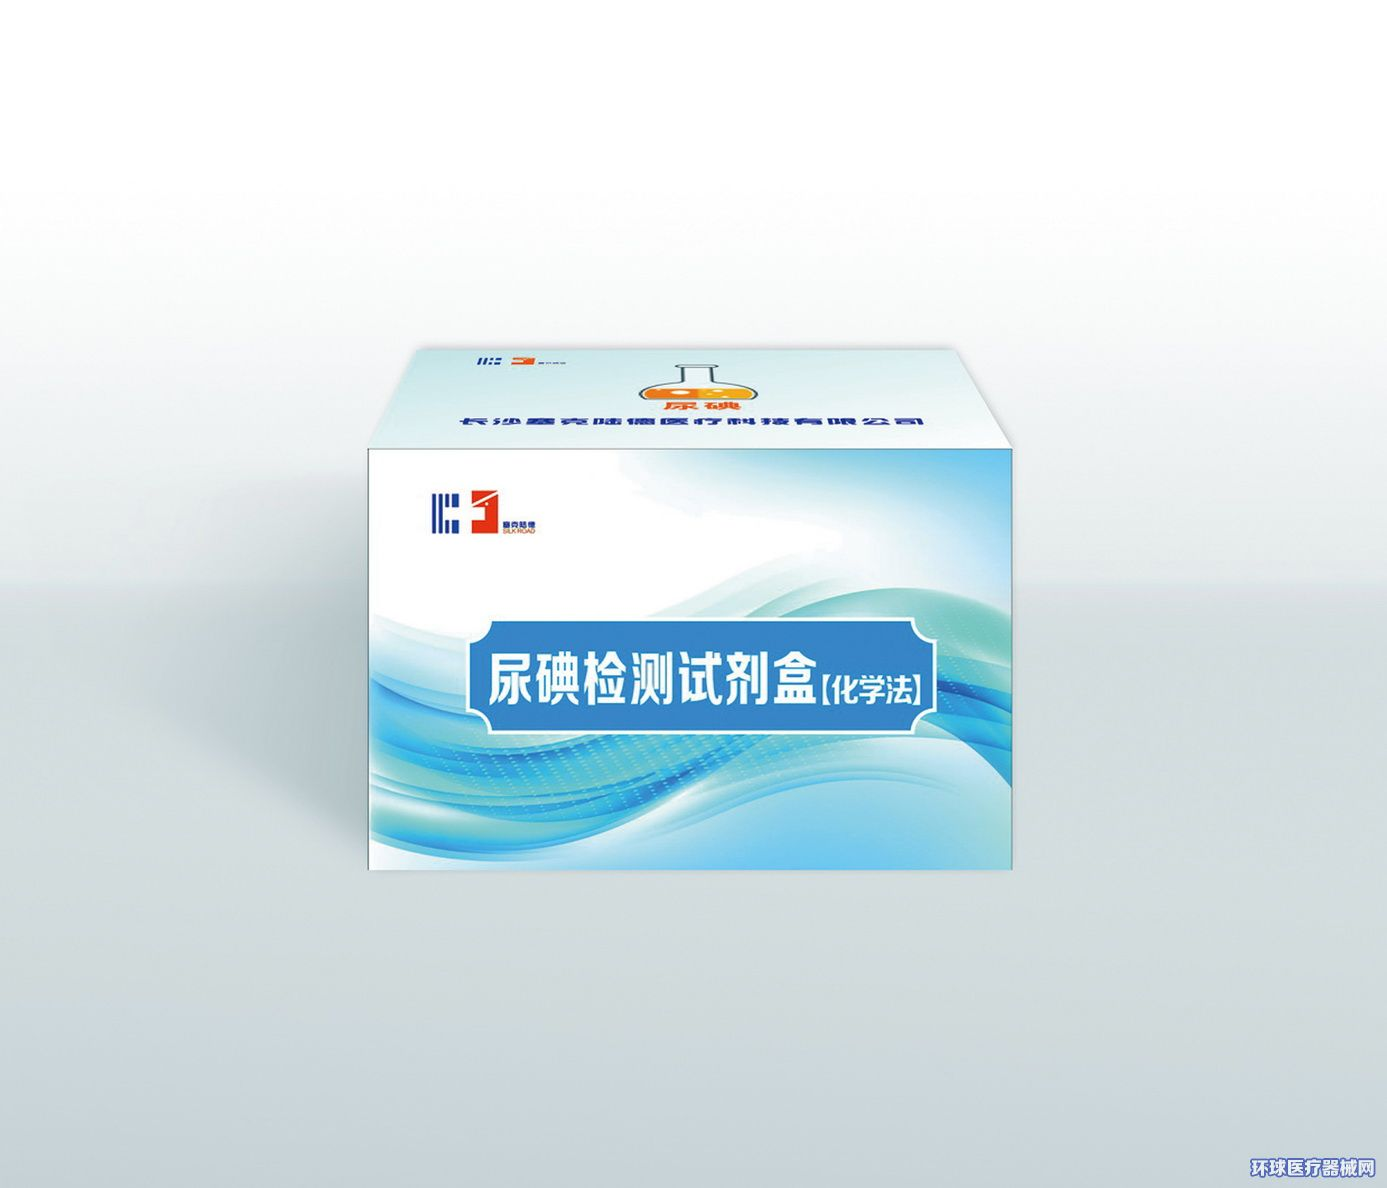 尿碘检测试剂盒碘元素检测试剂盒塞克陆德